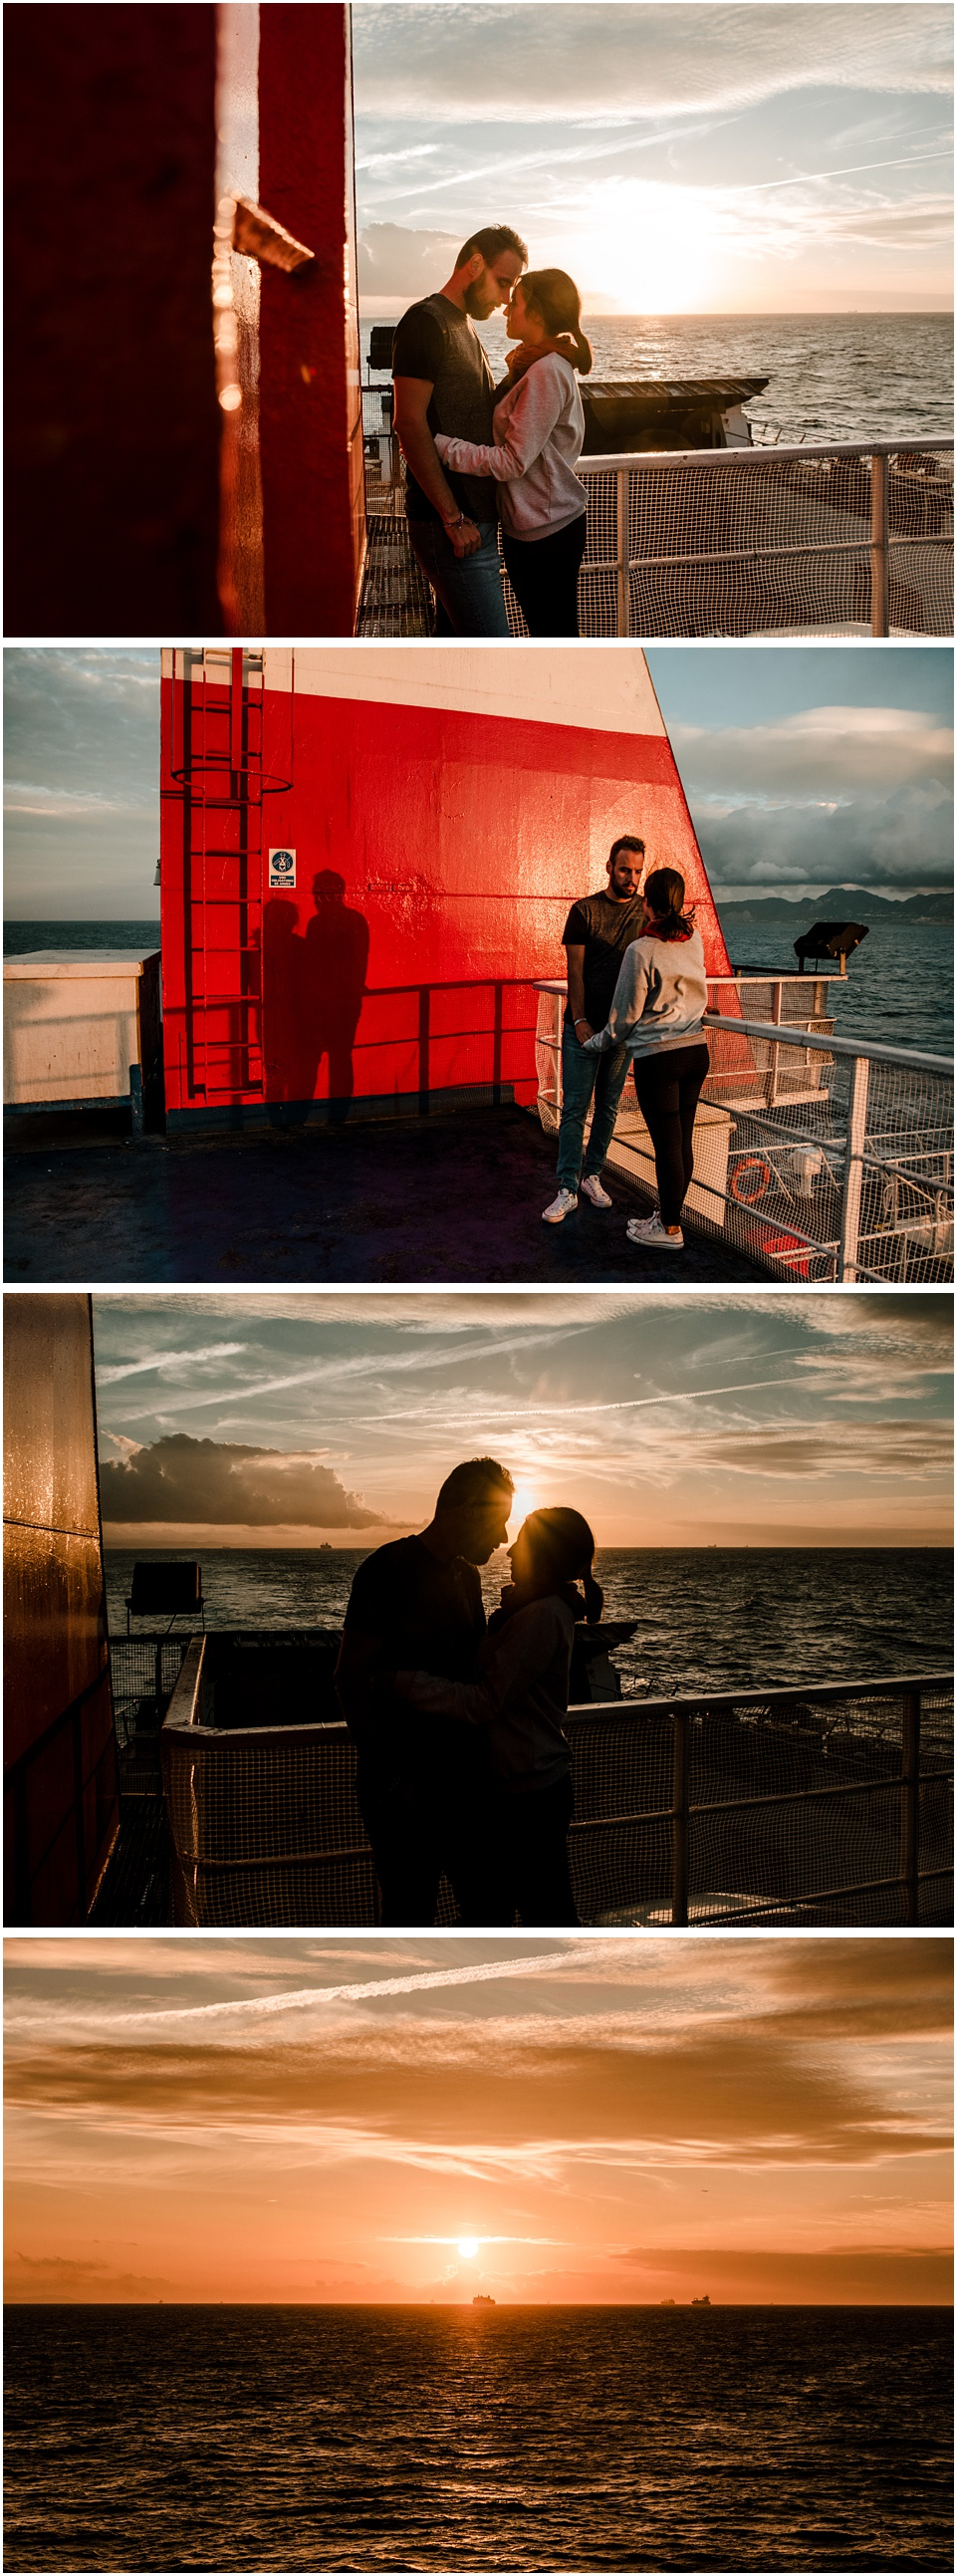 Fotos en pareja,Marruecos,desierto,fotografia en pareja,fotografo de bodas,pareja en el desierto,sesion de fotos en pareja en el desierto,viaje a marruecos,